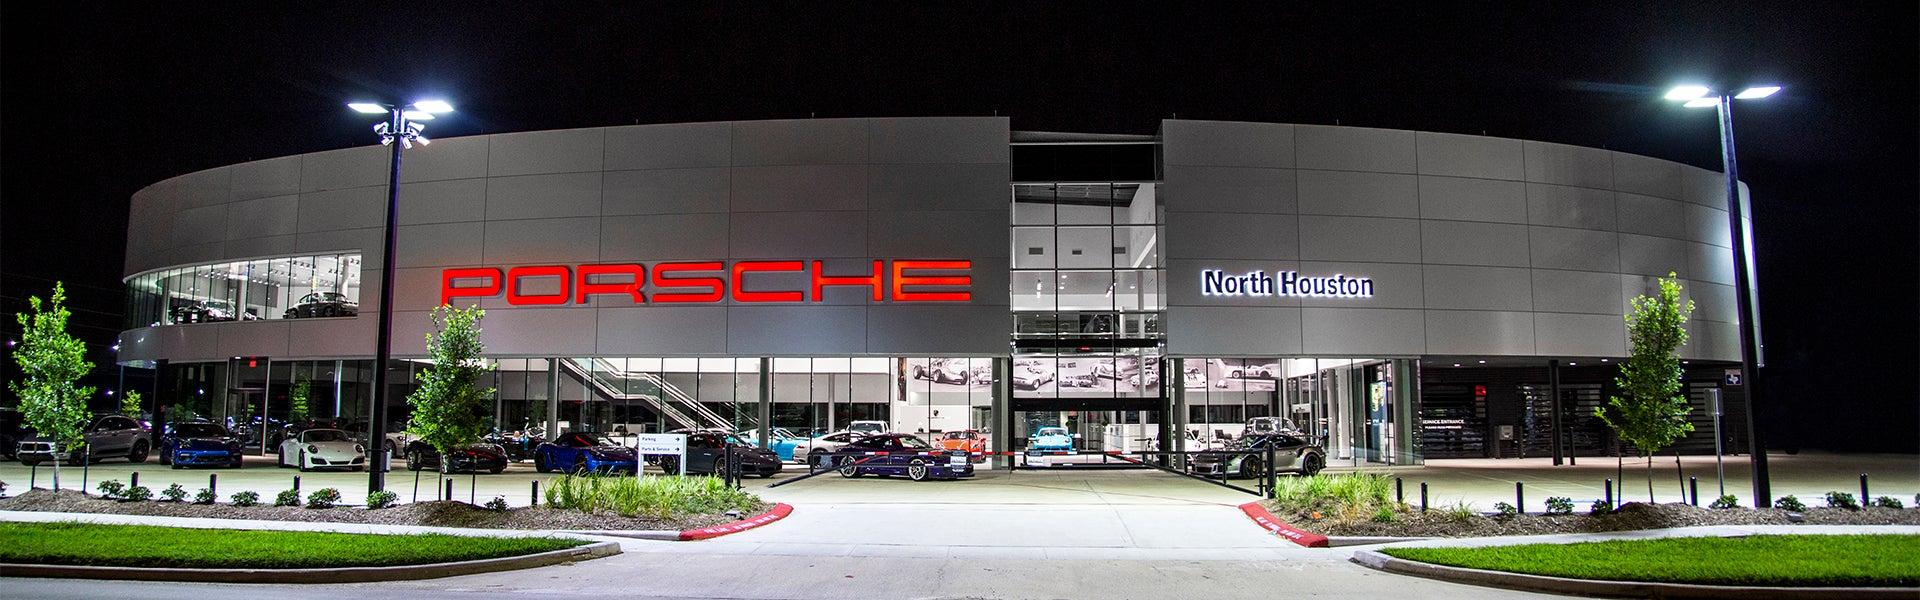 Porsche North Houston | Porsche Dealership Near Me